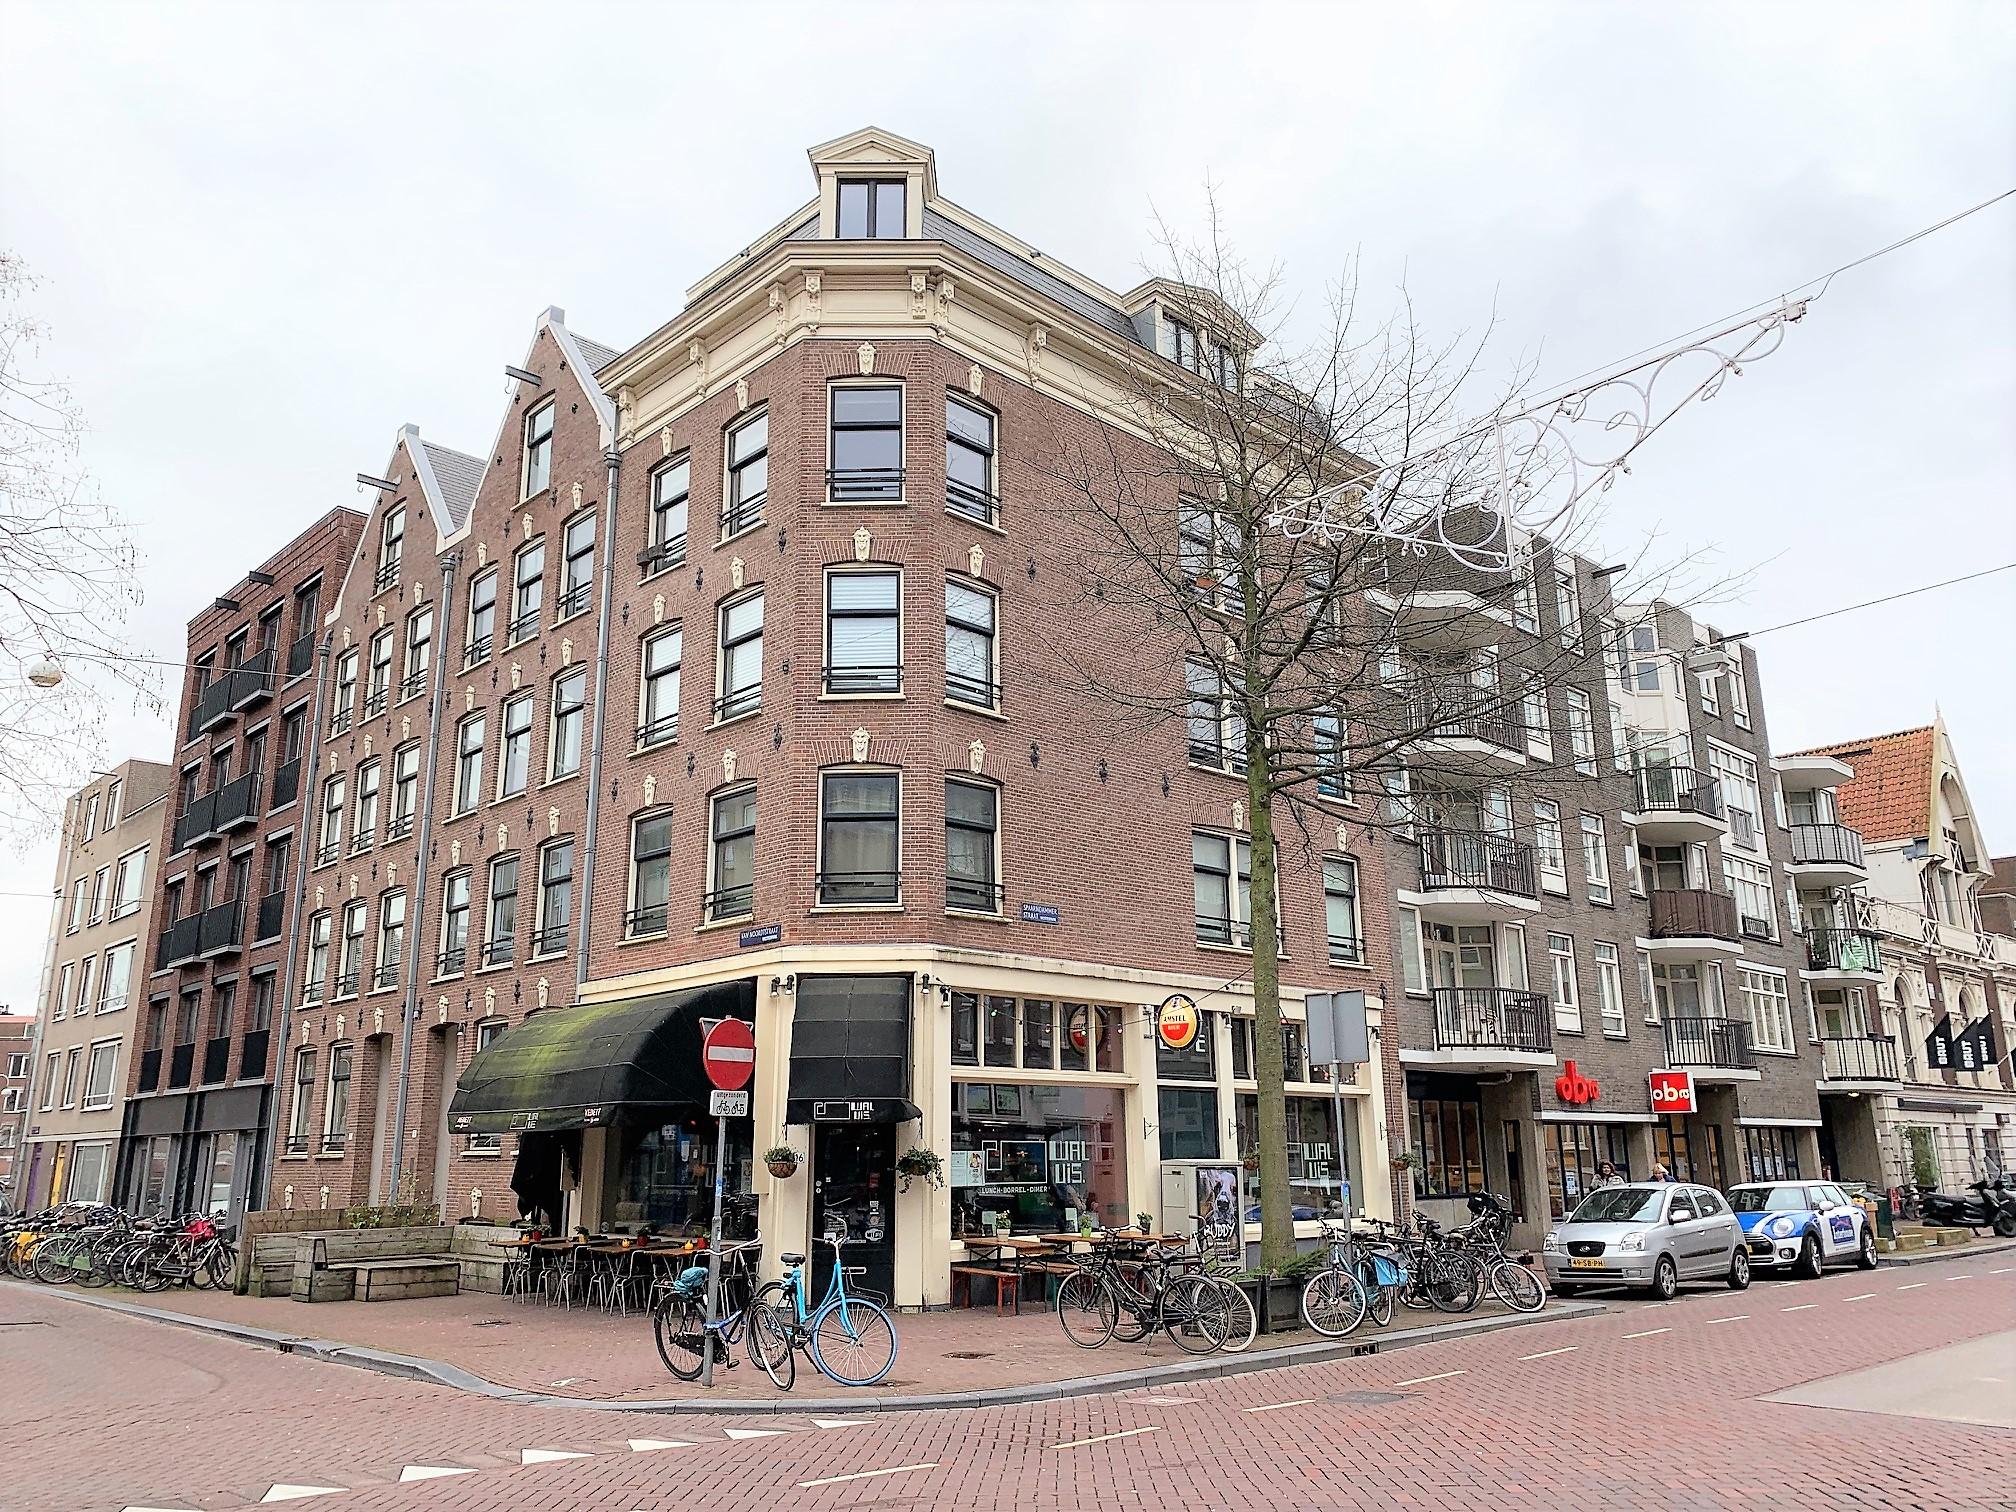 Van Noordtstraat, Amsterdam